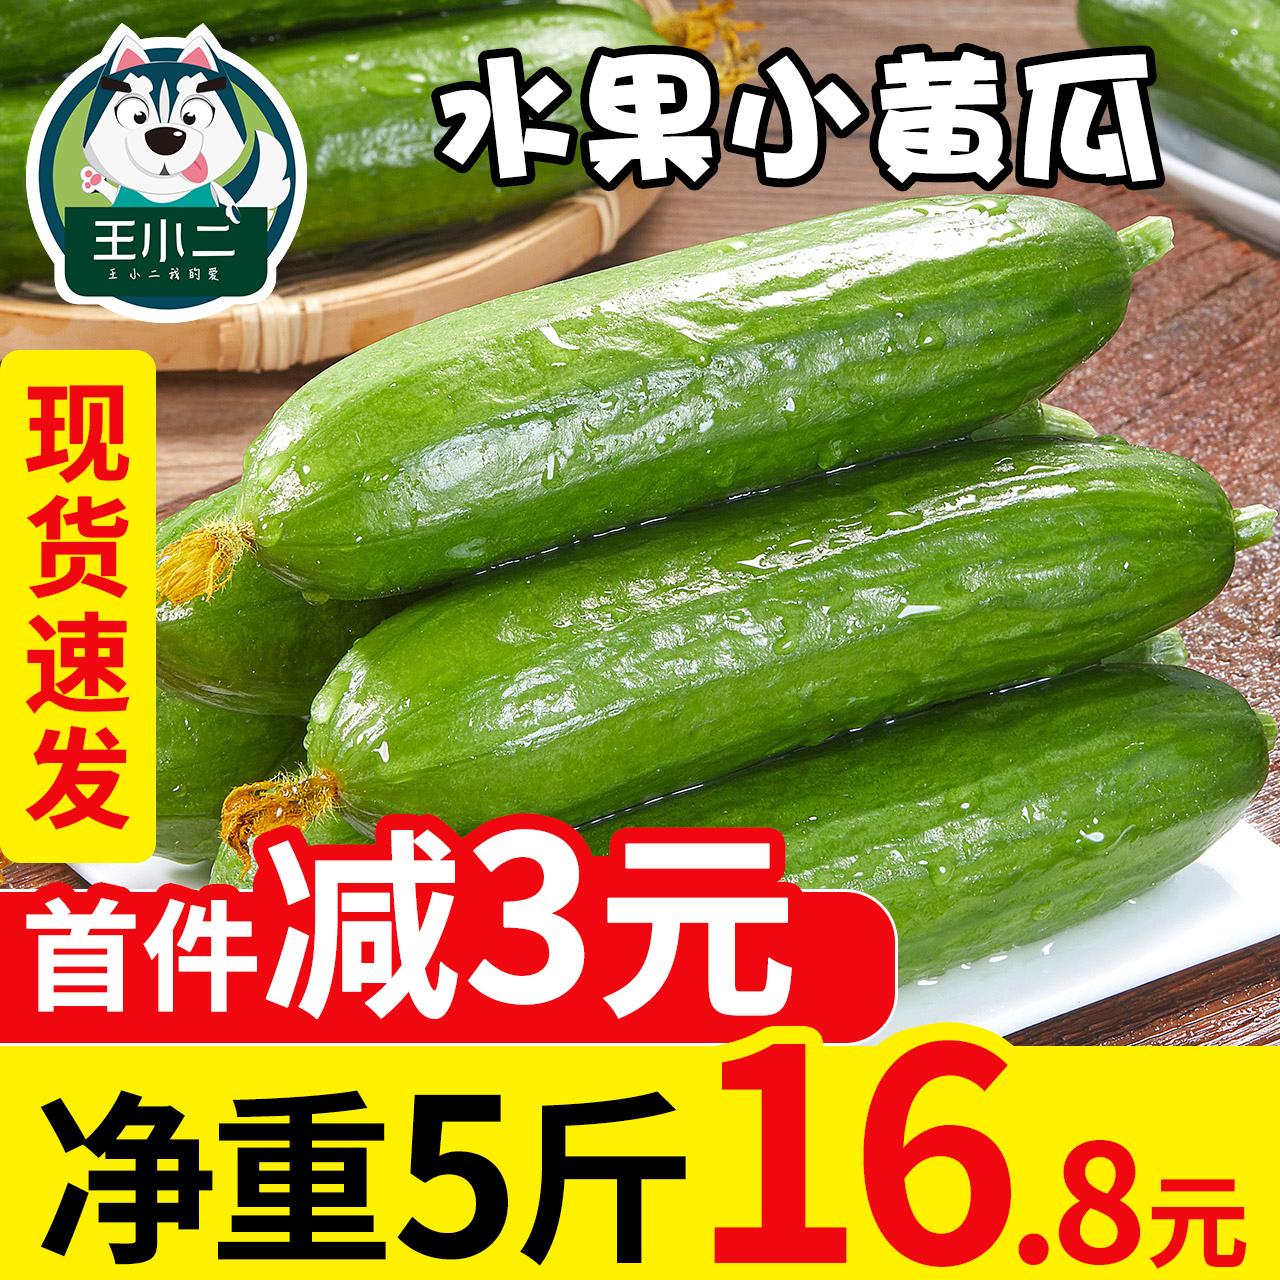 水果黄瓜新鲜包邮5斤小黄瓜小青瓜荷兰瓜时令蔬菜山东旱生吃整箱